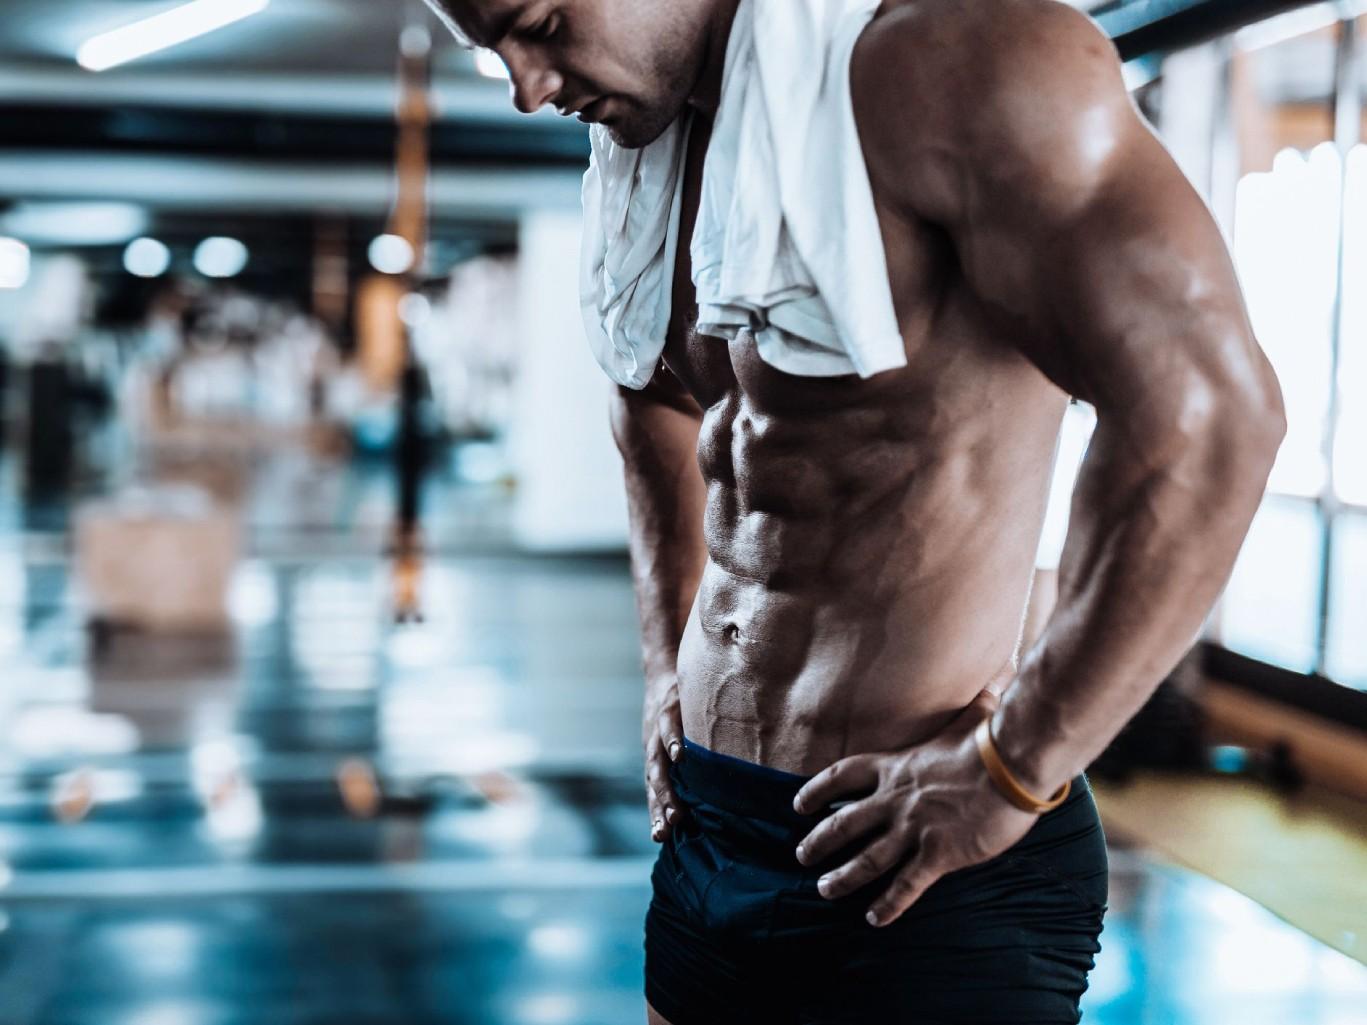 10 универсальных упражнений с собственным весом